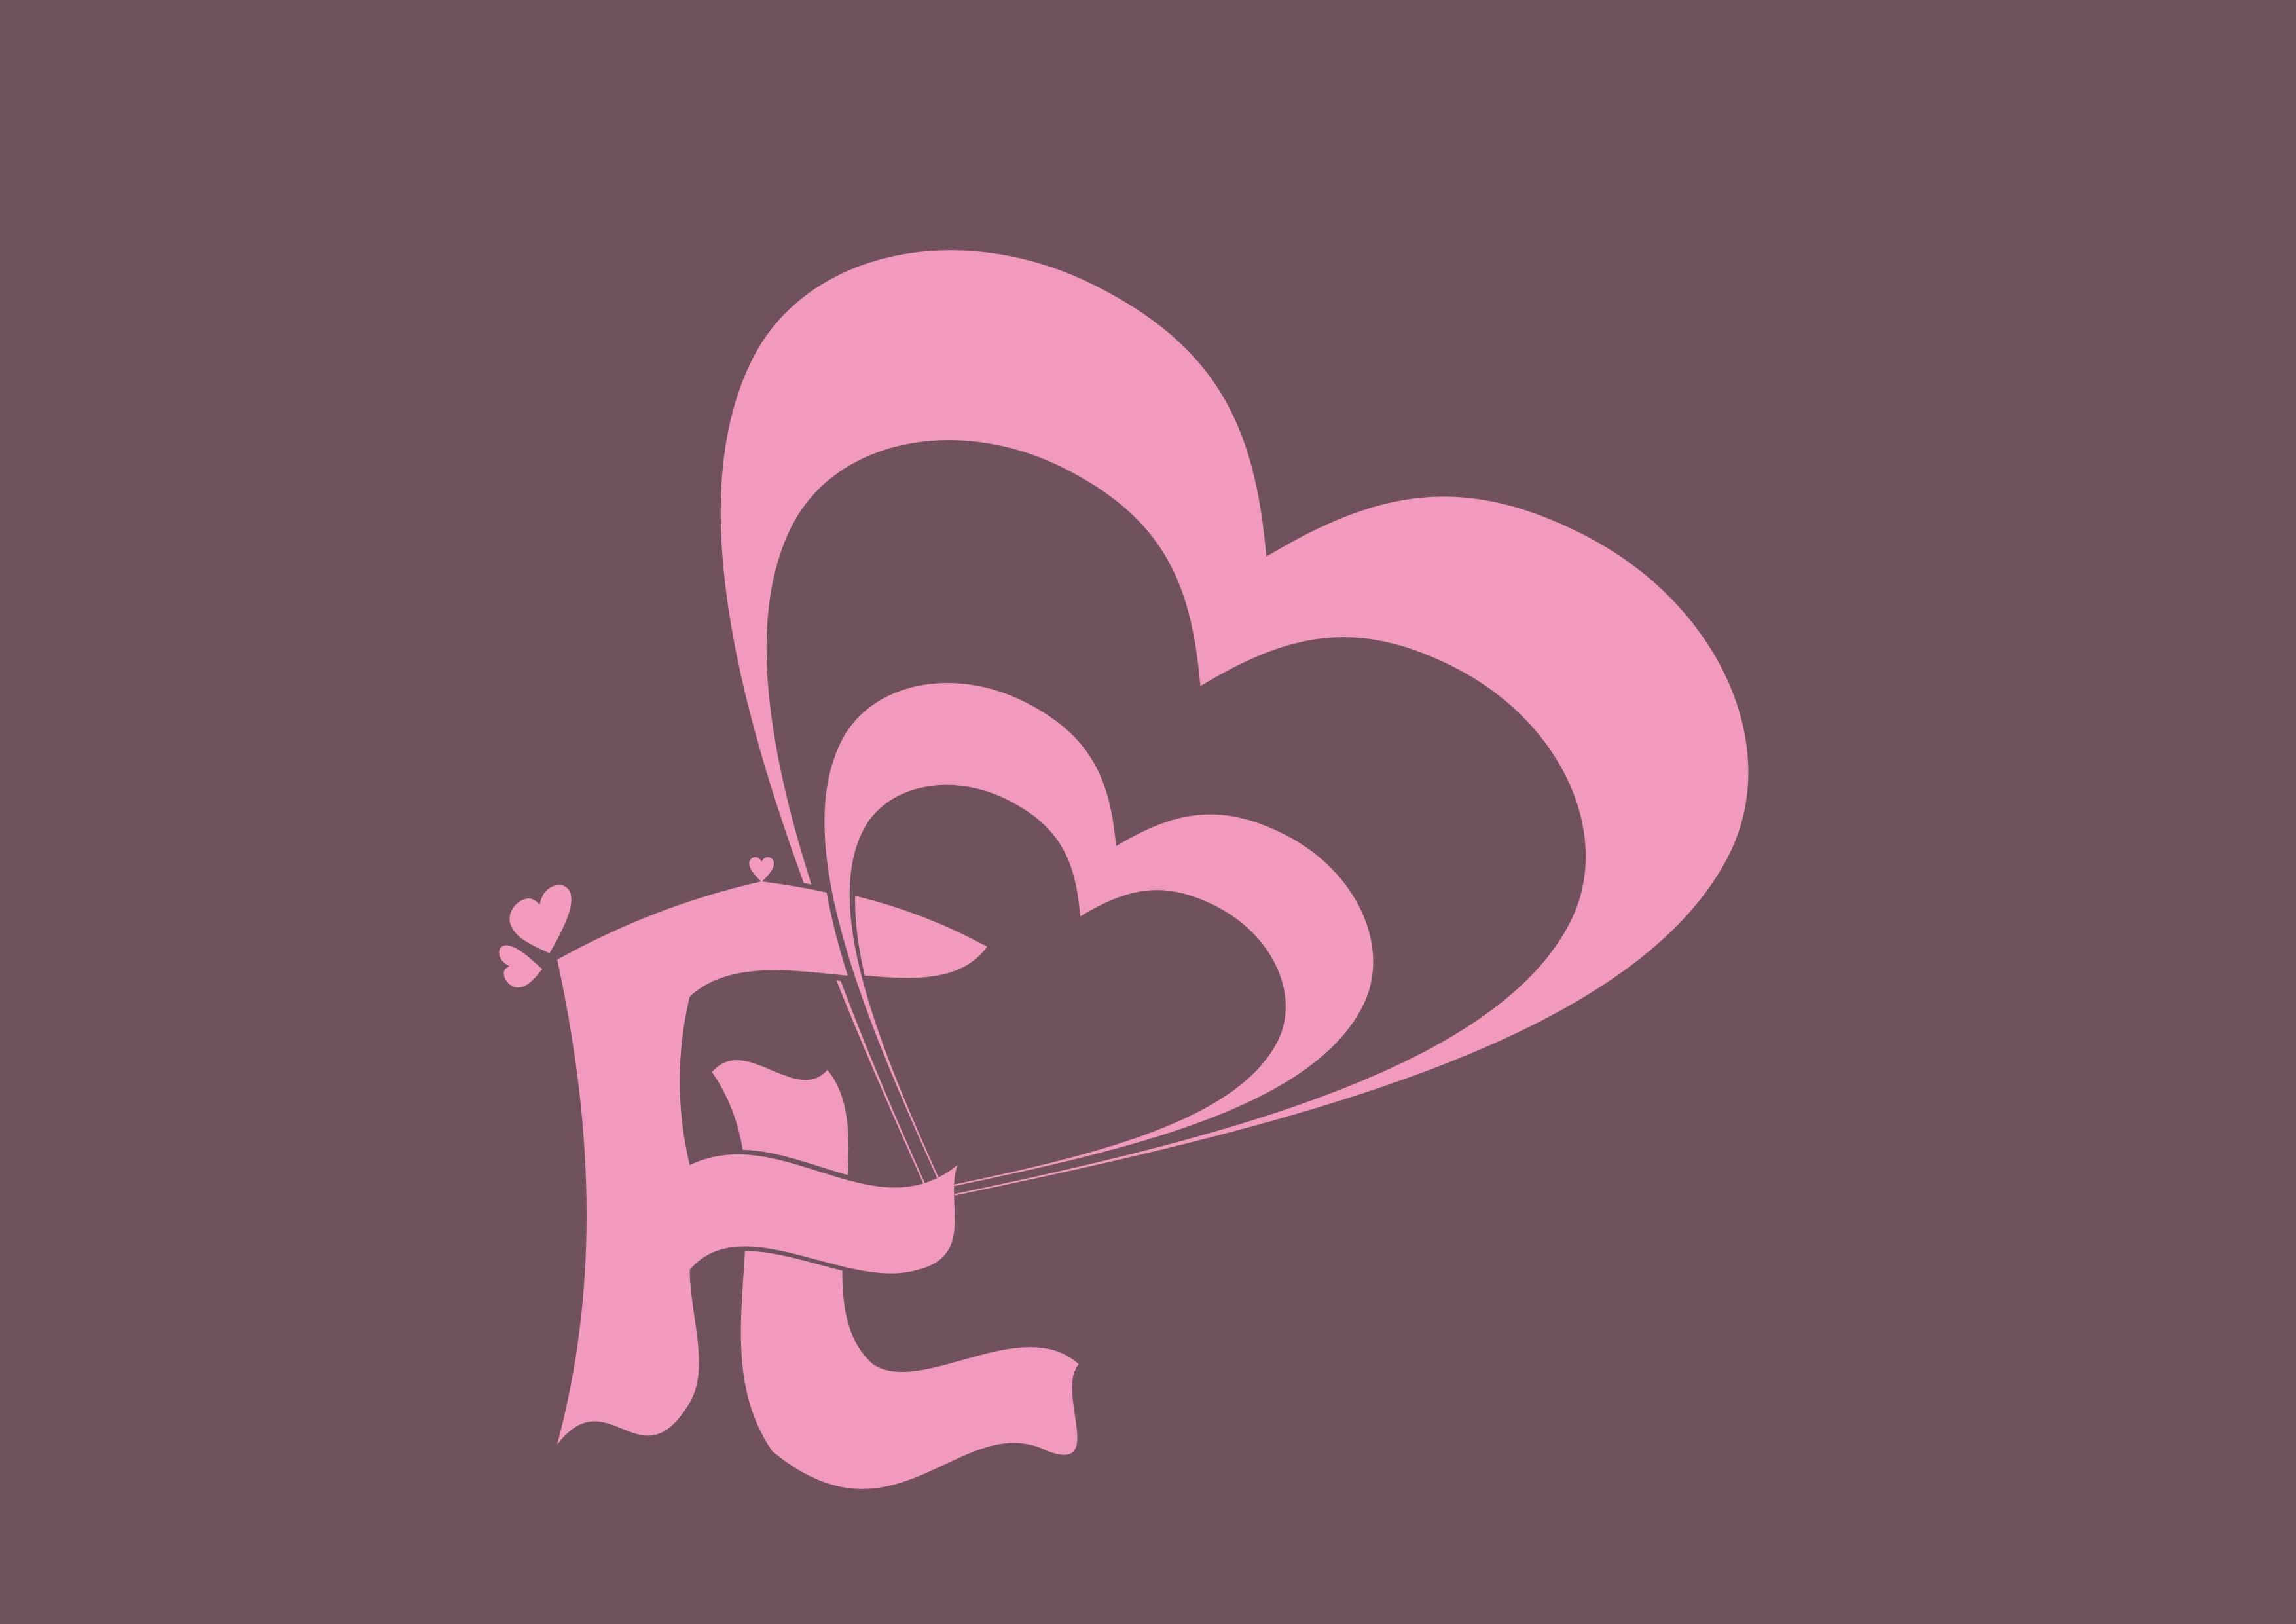 婚礼logo设计(李,冯).jpg(217.52k)